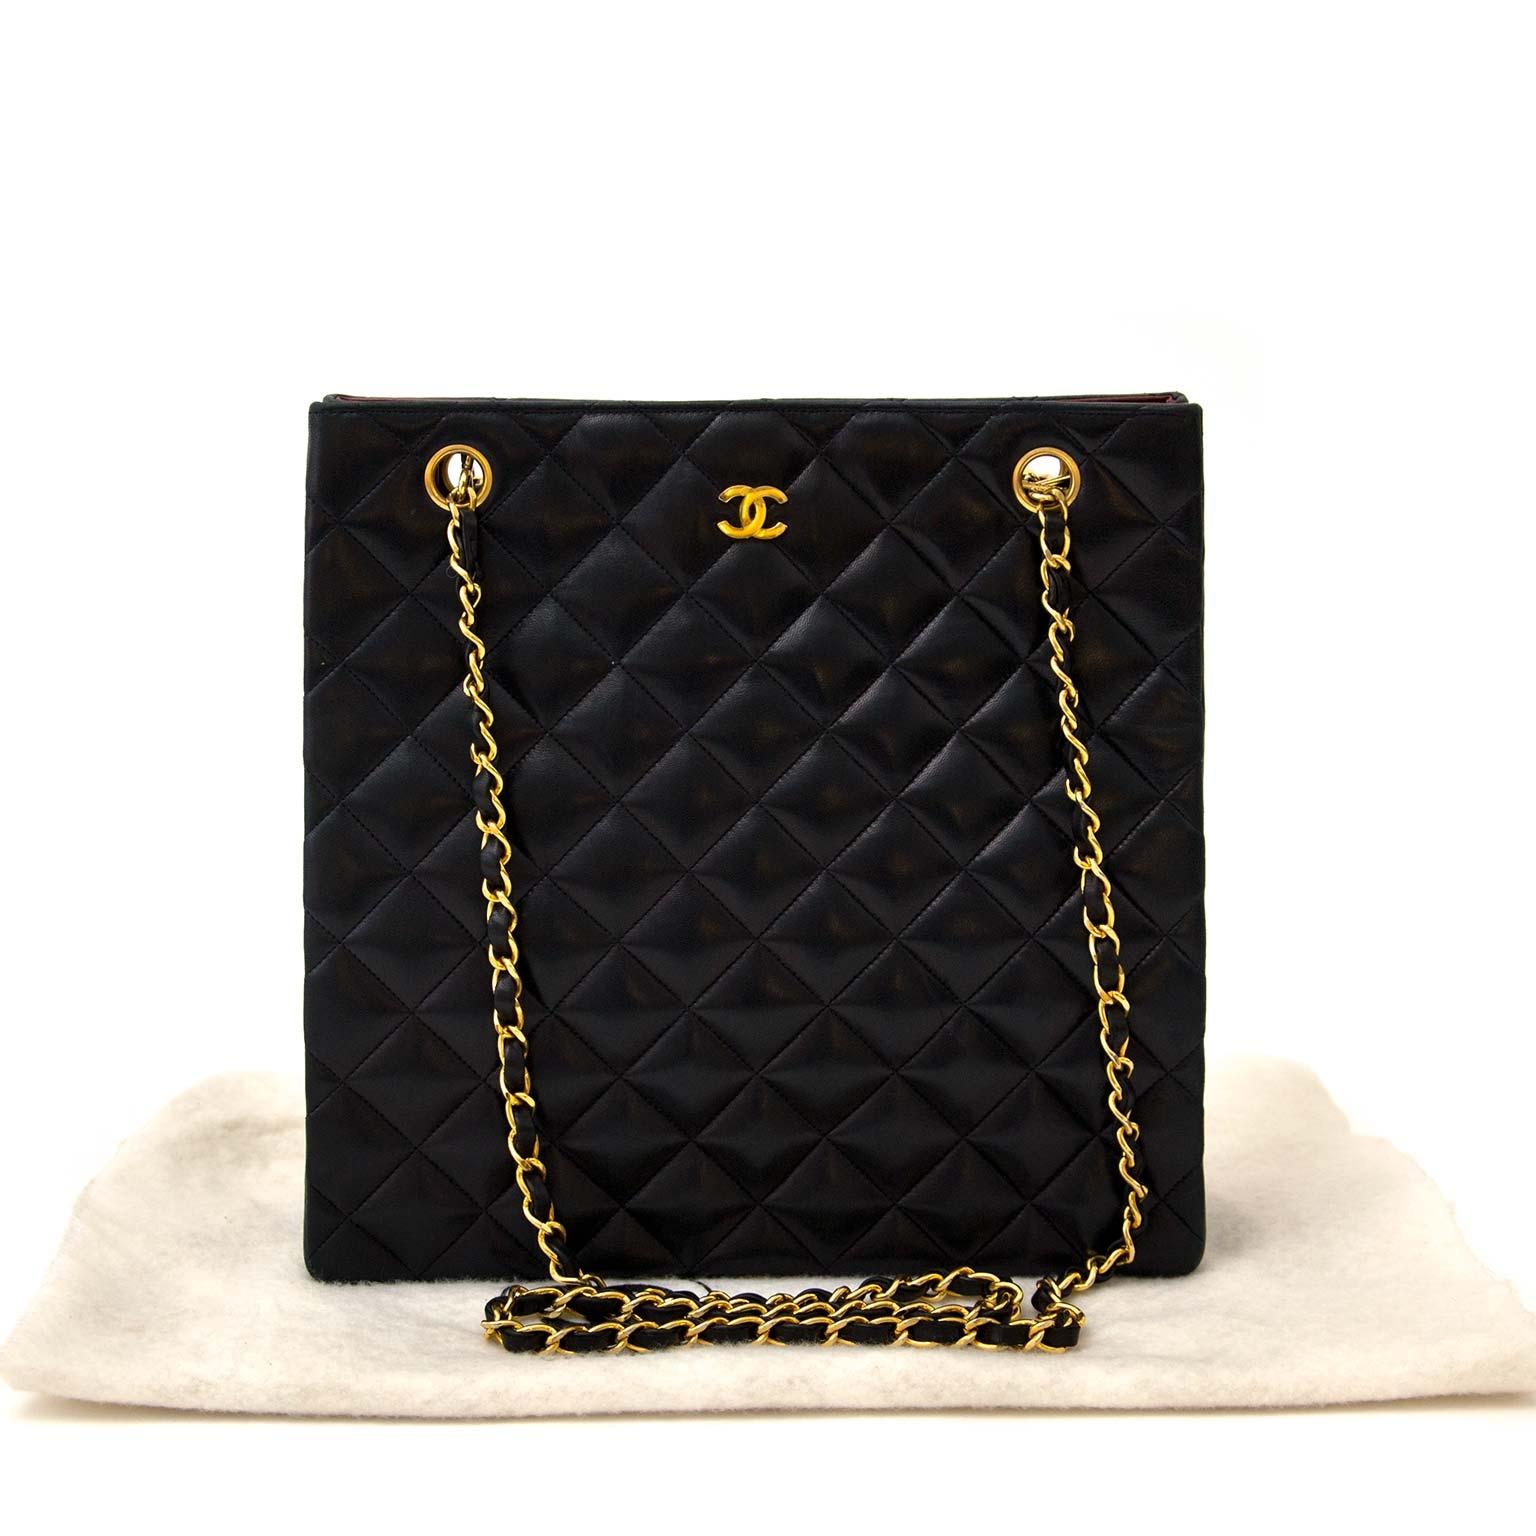 9fc1d77bc098e4 ... koop online aan de beste prijs tweedehands Chanel Vintage Classic  Shoulder Bag